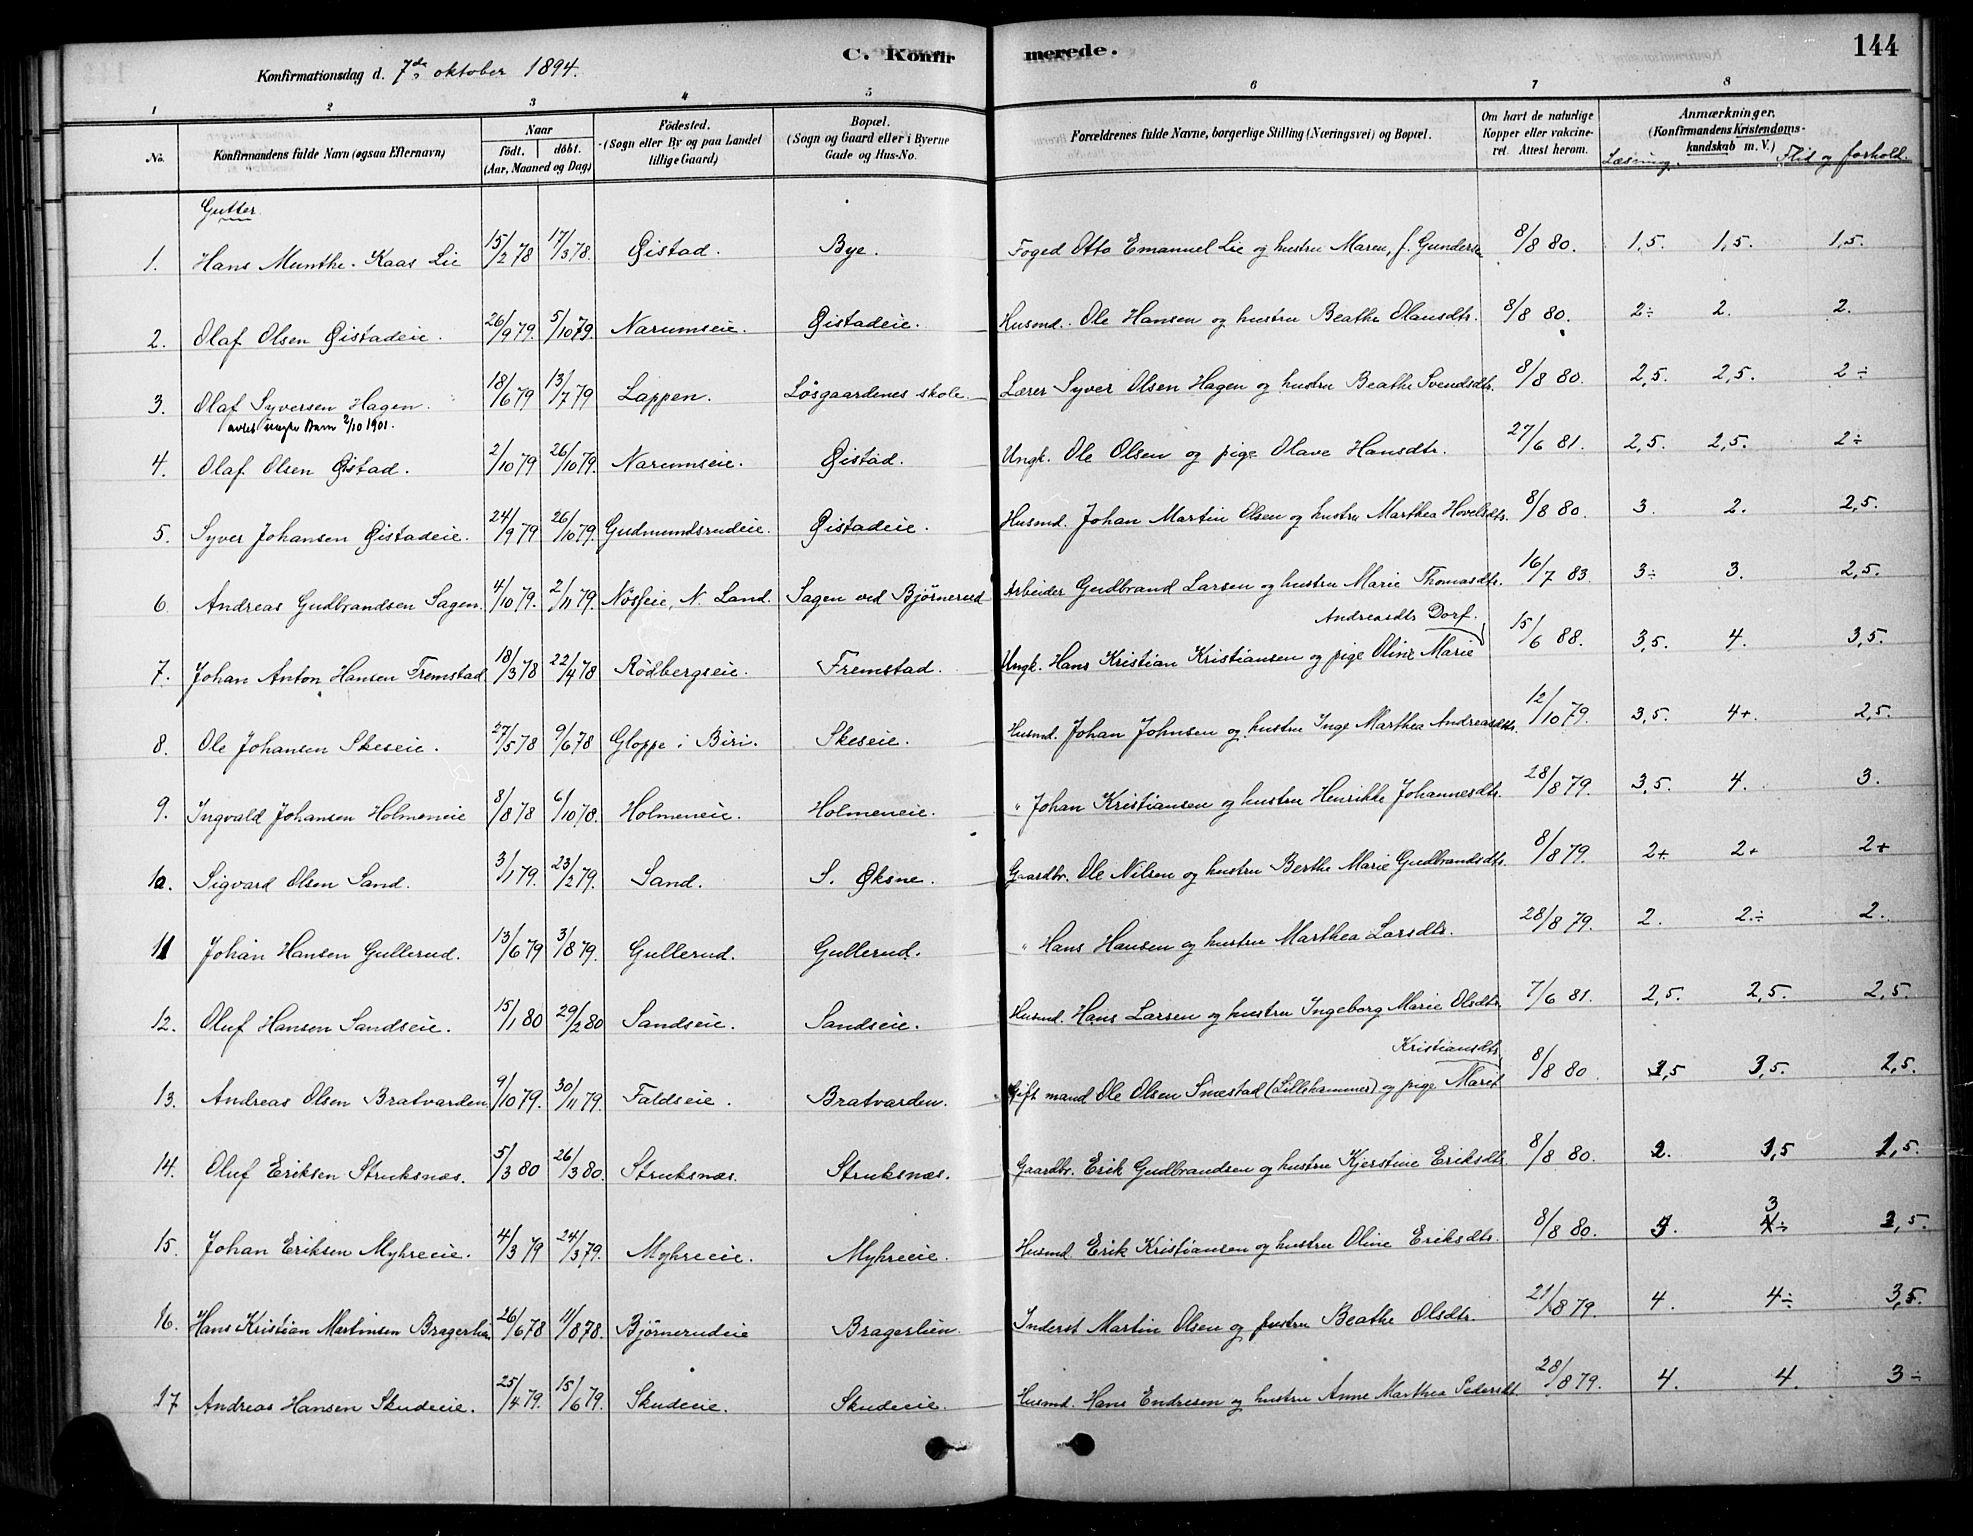 SAH, Søndre Land prestekontor, K/L0003: Ministerialbok nr. 3, 1878-1894, s. 144